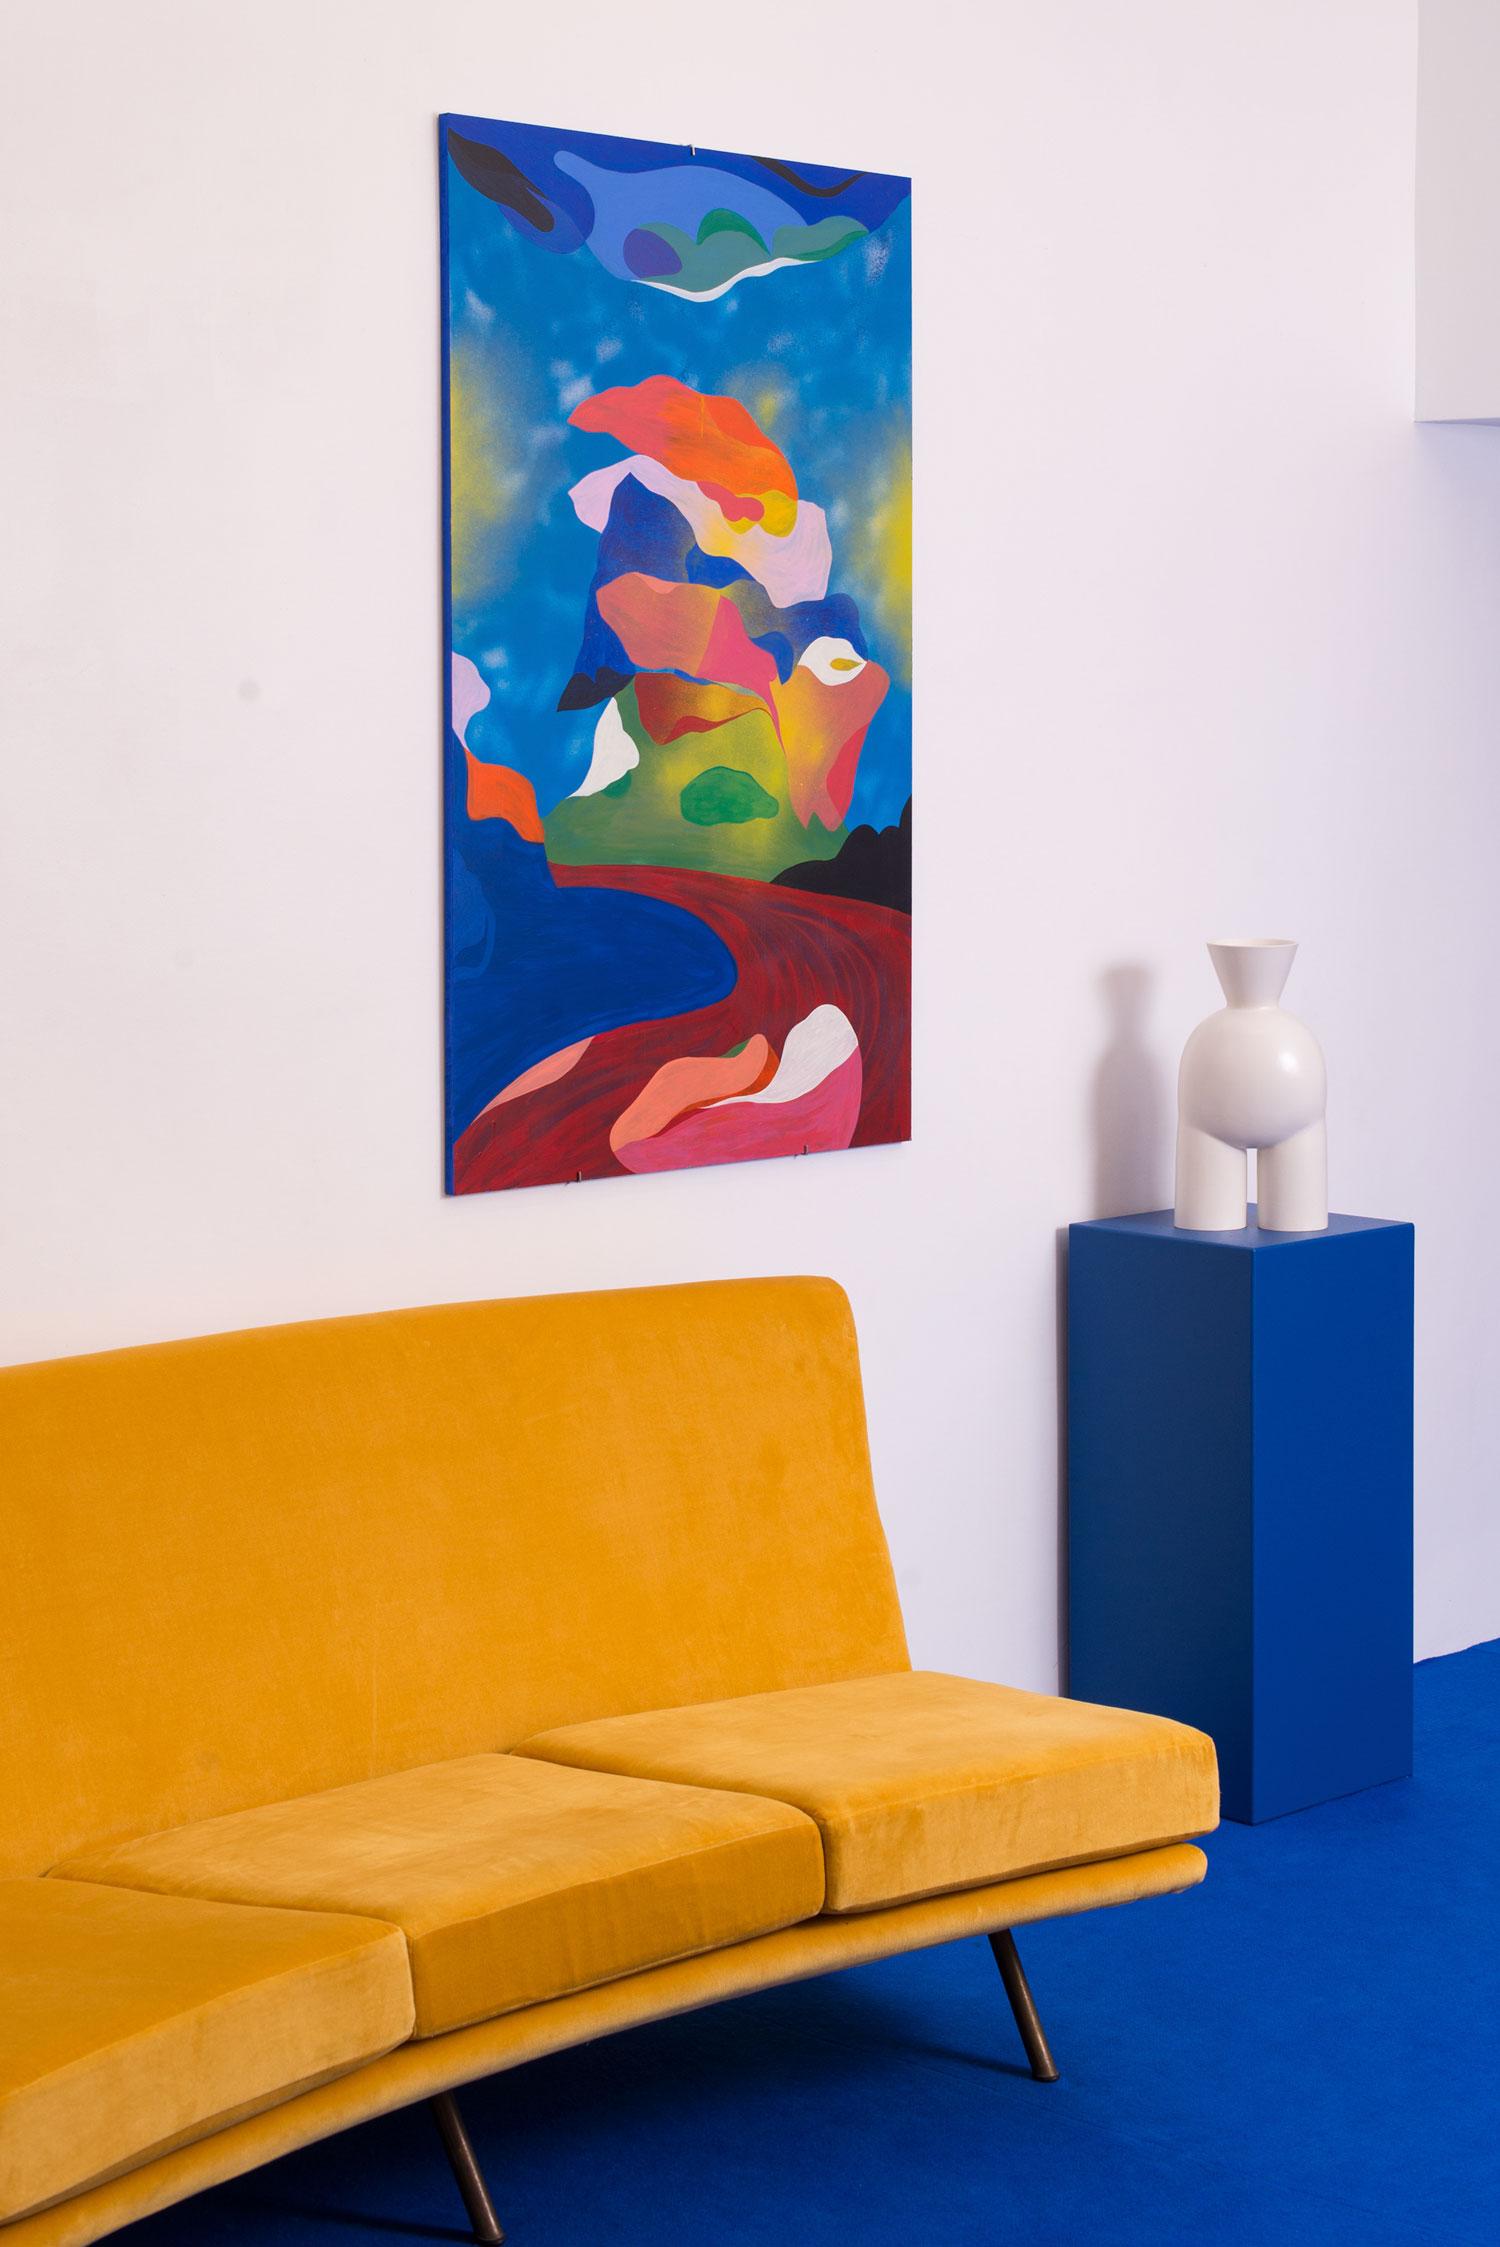 Marseille Peintures sur bois. 2018. Vue d'exposition (La cage aux fauves, Double V Gallery, Marseille)